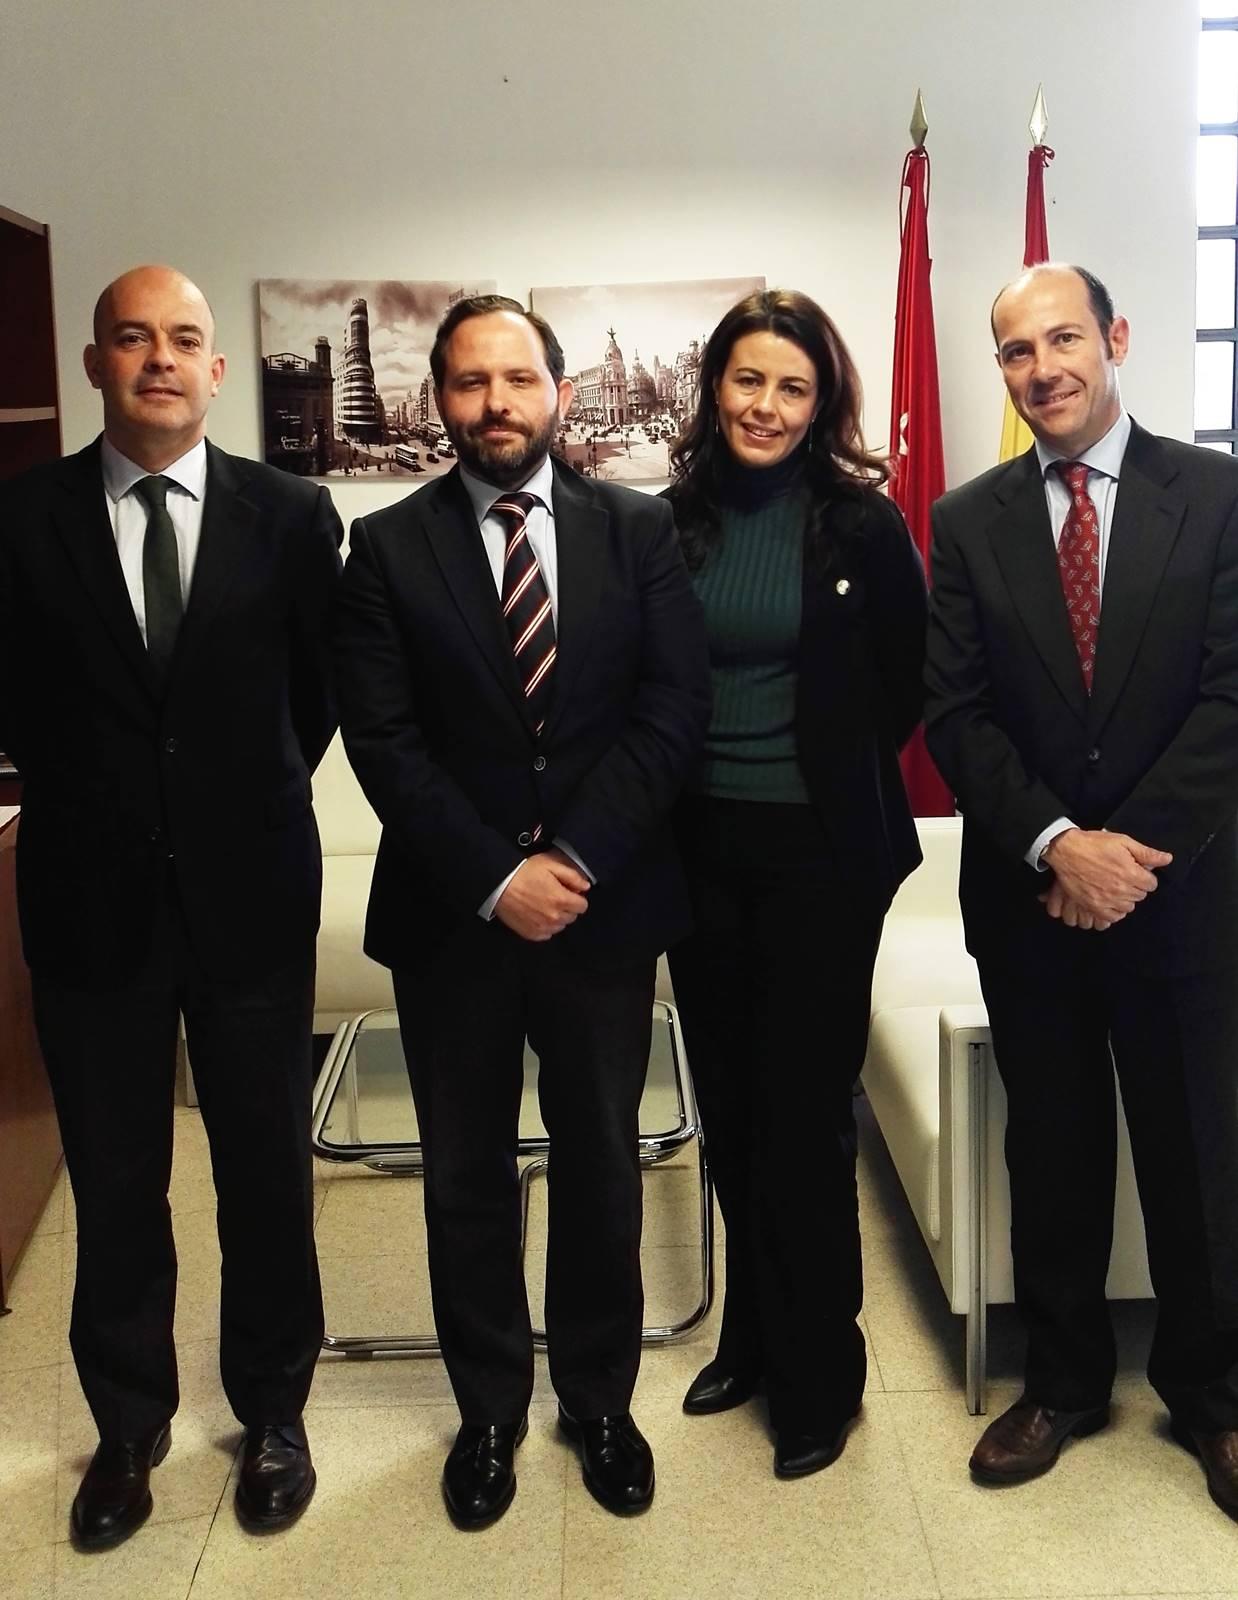 Asegre Director General Medio Ambiente Comunidad de Madrid